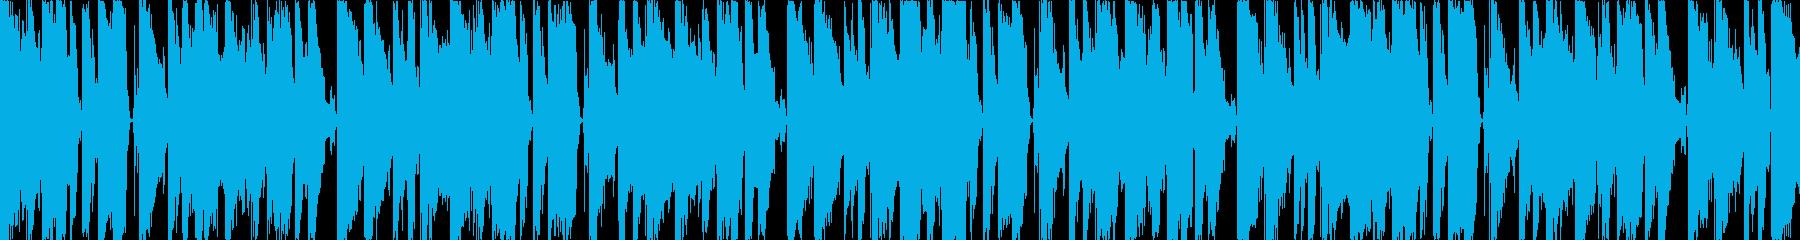 グルーヴィーでキャッチーなデジタルポップの再生済みの波形